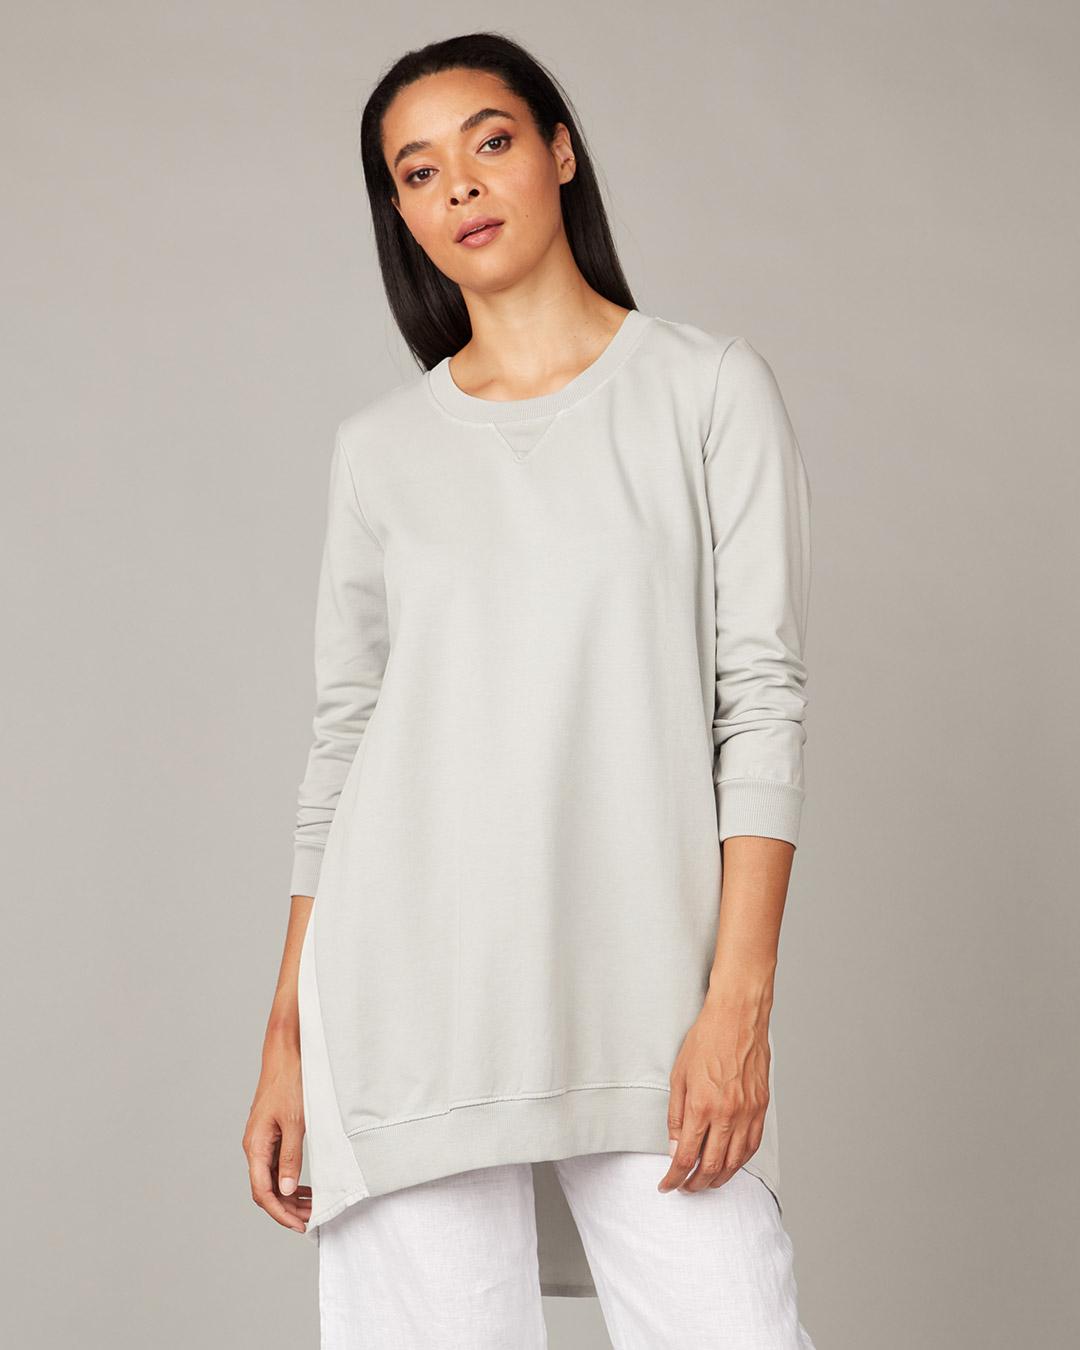 pistache-clothing-long-summer-sweatshirt-dianes-lingerie-vancouver-1080x1350